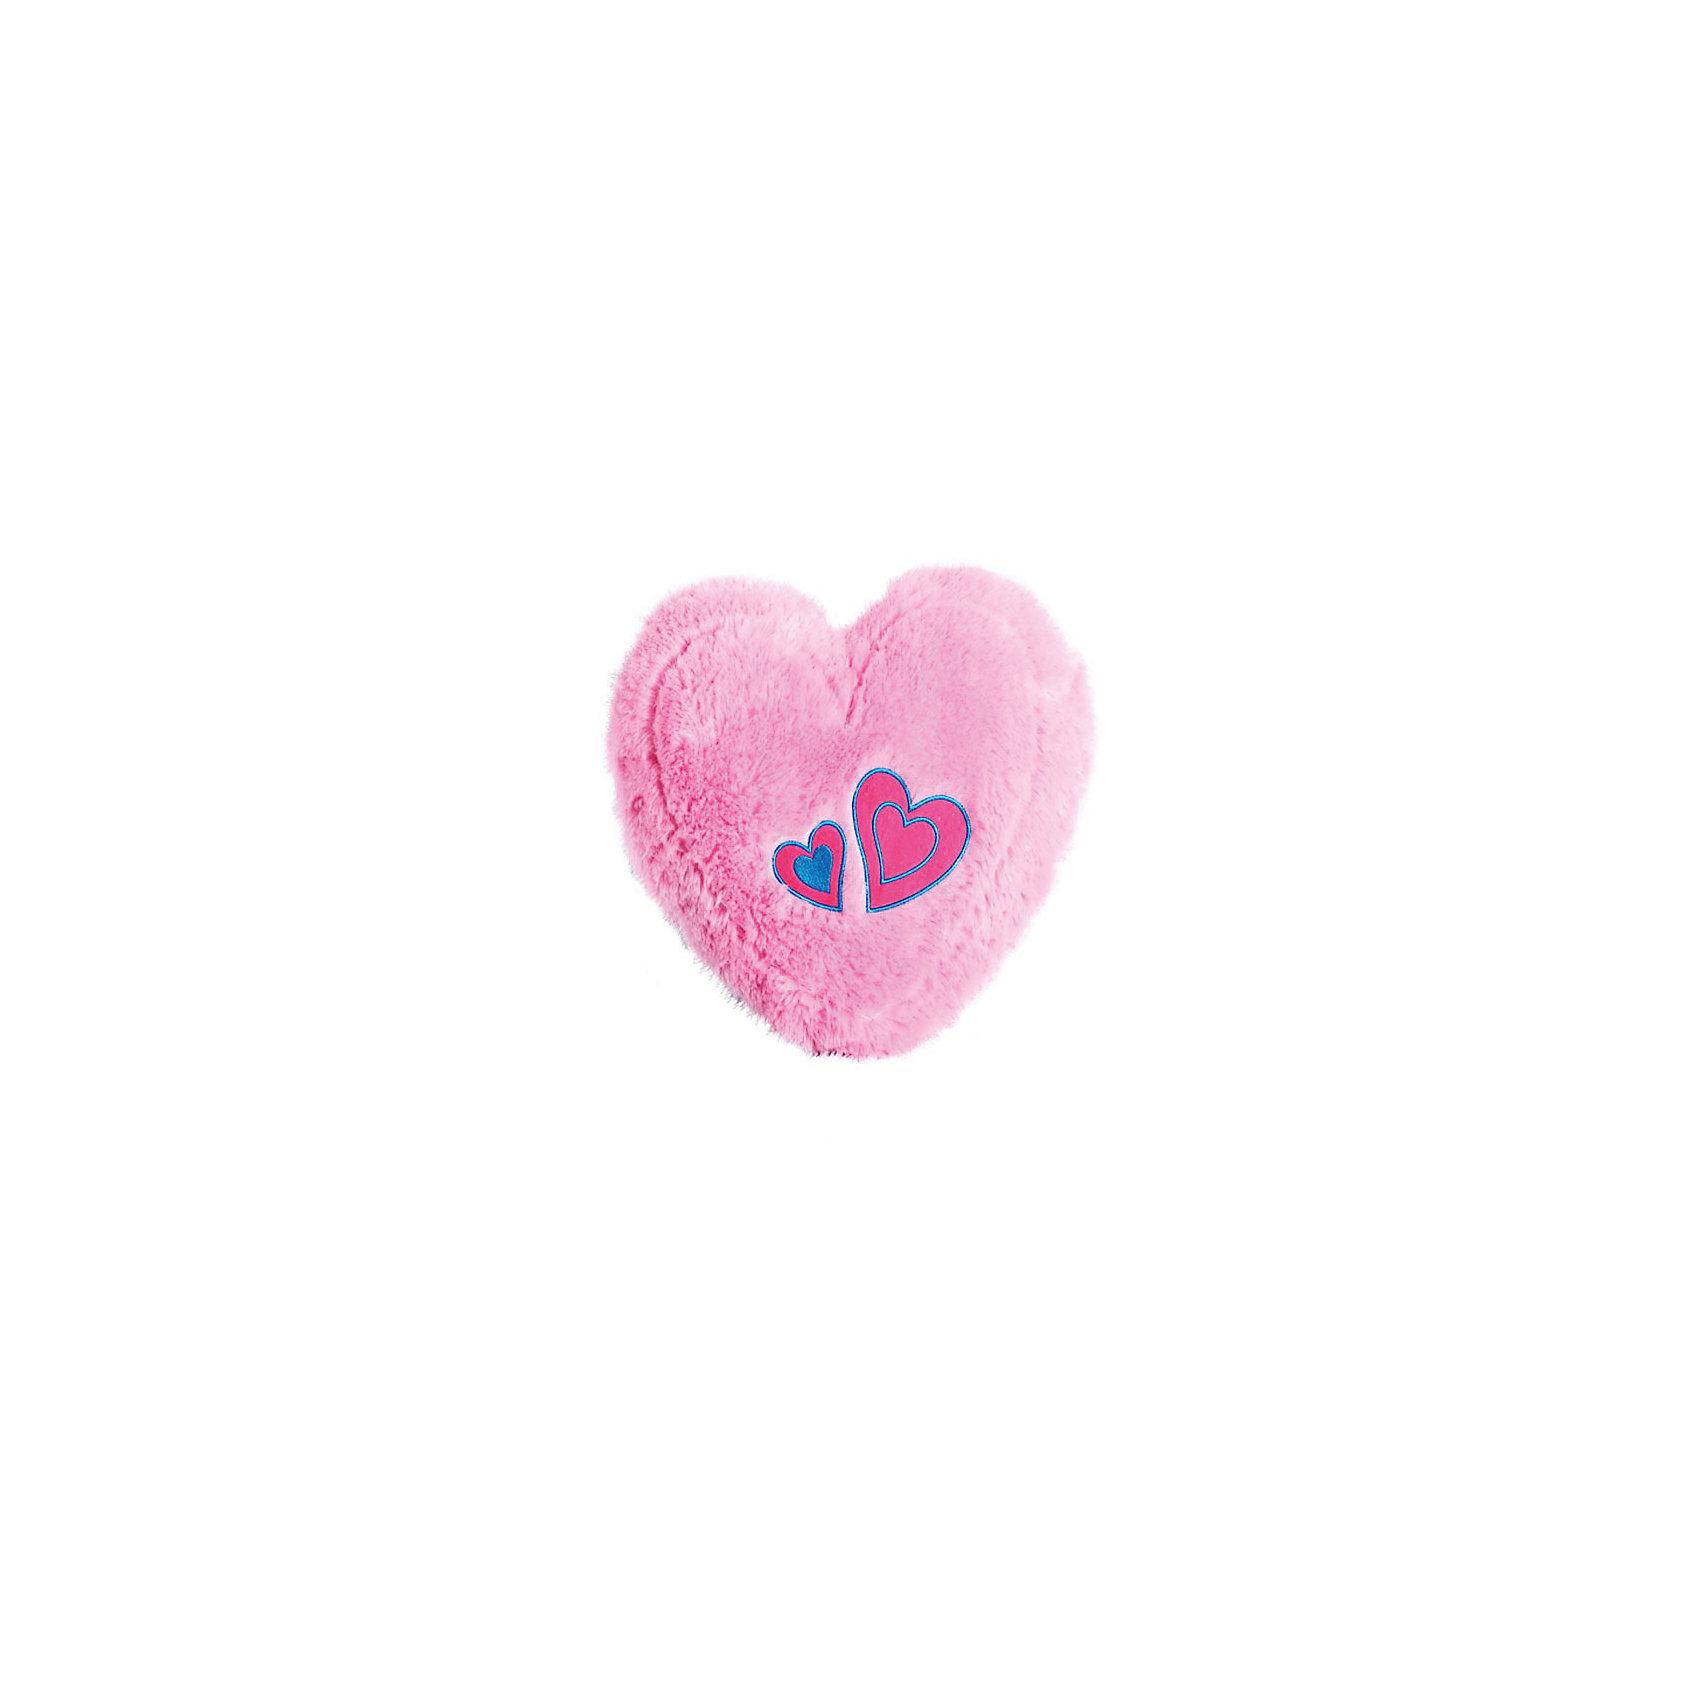 Валентинка Розовое сердце, GulliverВалентинка Розовое сердце, светло розовый, Gulliver (Гулливер) ? замечательная мягкая игрушка от известного производителя Gulliver. Изготовленная из гипоаллергенного искусственно меха приятной расцветки станет очаровательным и милым подарком как для детей, так и для взрослых. Мягкая игрушка украшена аппликацией в форме двух сердец.<br>Валентинка Розовое сердце, светло розовый, Gulliver (Гулливер) может быть использована в качестве игрушки или в качестве милой подушки-думки. Поводом для подарка плюшевой валентинки может стать не только праздник, такое сердечко будет приятно получить и без повода.<br>Валентинка Розовое сердце, светло розовый, Gulliver (Гулливер) изготовлена из качественного искусственного меха, не вызывает аллергию, легко поддается стирке. Малышам такой подарок позволит развивать тактильные ощущения.<br><br>Дополнительная информация:<br><br>- Вид игр: сюжетно-ролевые игры <br>- Предназначение: для дома<br>- Материал: текстиль, искусственный мех<br>- Размер (ДхШхВ): 38*32*12 см<br>- Вес: 397 г<br>- Особенности ухода: допускается машинная стирка на деликатном режиме<br><br>ВНИМАНИЕ! Данный артикул имеется в наличии в разных цветовых исполнениях (розовый, светло розовый). К сожалению, заранее выбрать определенный цвет невозможно.<br><br>Подробнее:<br><br>• Для детей в возрасте: от 3 лет и до 7 лет <br>• Страна производитель: Тайвань<br>• Торговый бренд: Gulliver<br><br>Валентинку Розовое сердце, светло розовую, Gulliver (Гулливер) можно купить в нашем интернет-магазине.<br><br>Ширина мм: 380<br>Глубина мм: 320<br>Высота мм: 120<br>Вес г: 397<br>Возраст от месяцев: 36<br>Возраст до месяцев: 84<br>Пол: Унисекс<br>Возраст: Детский<br>SKU: 4797173